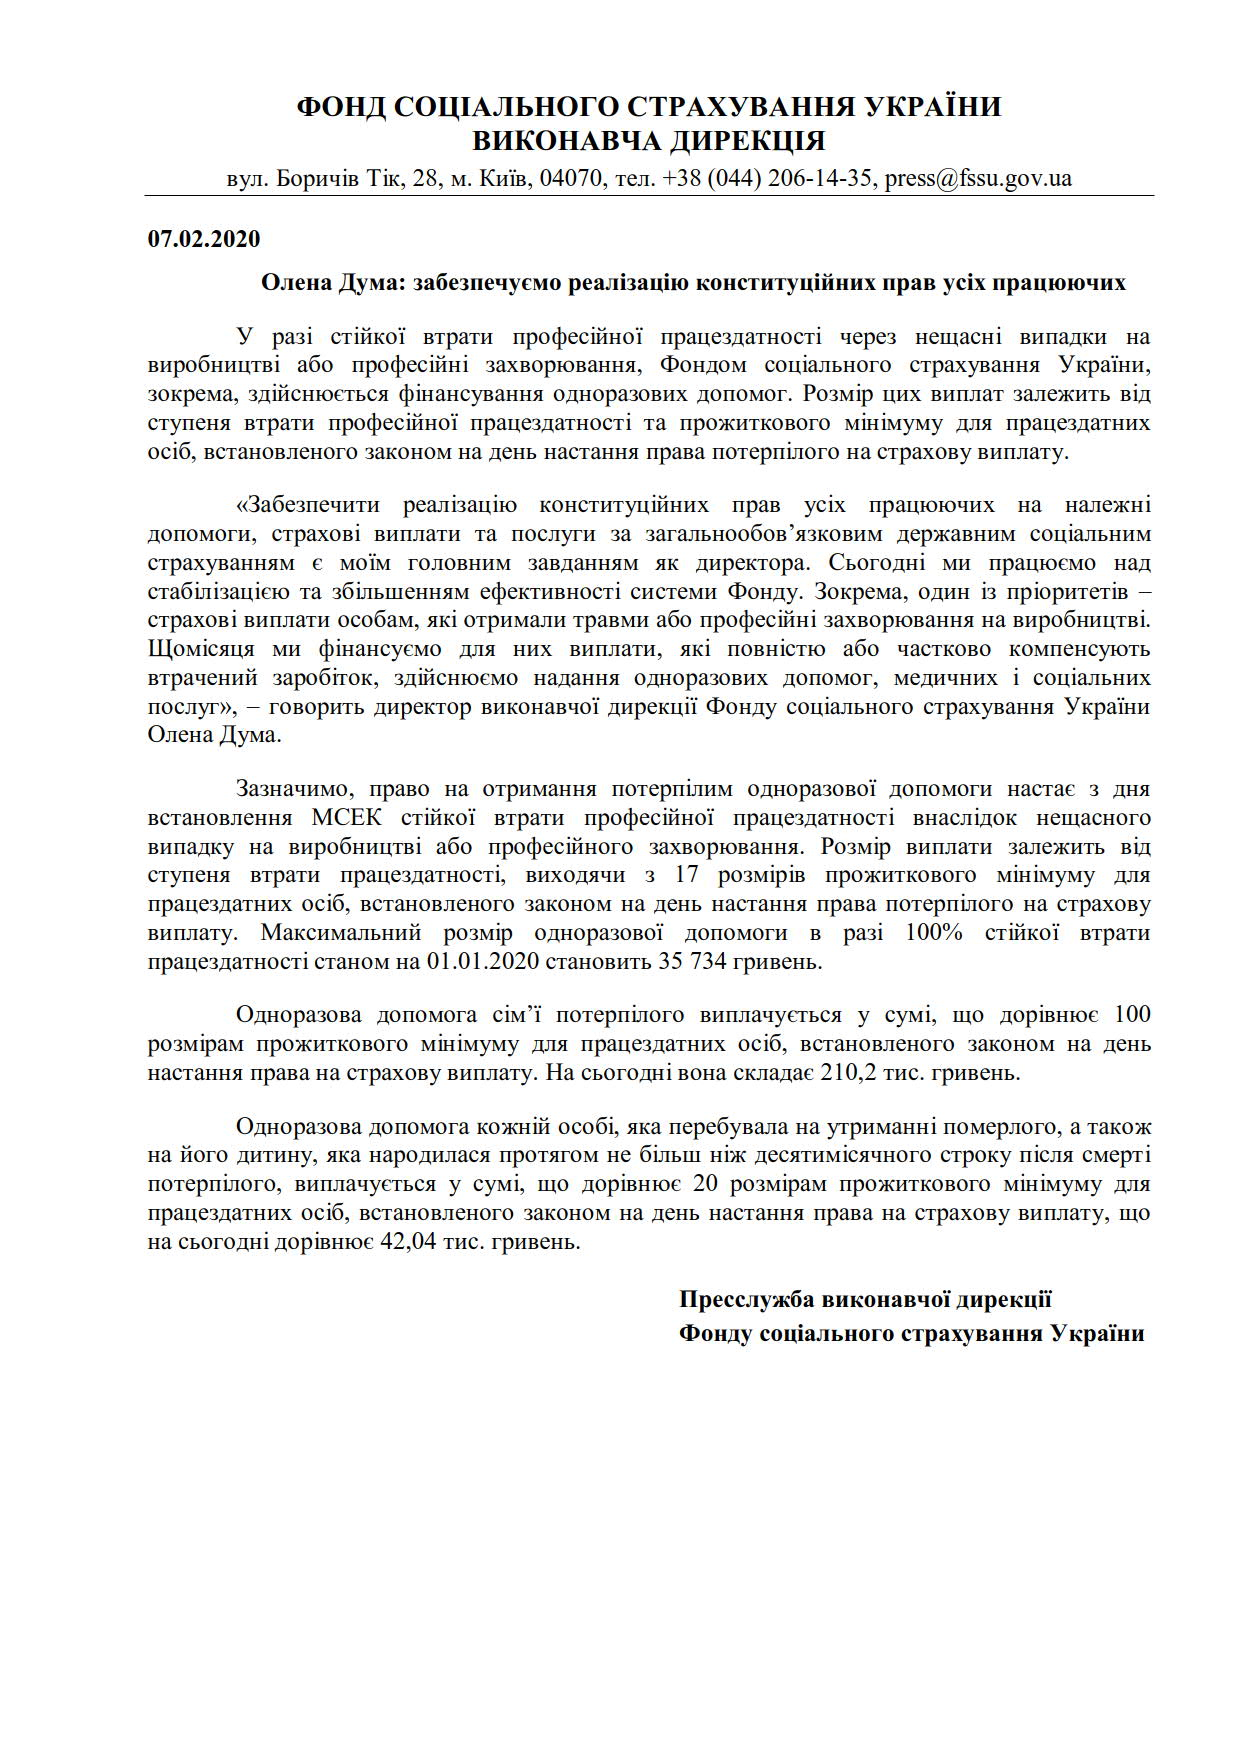 ФССУ_Забезепечення конституційних прав_1